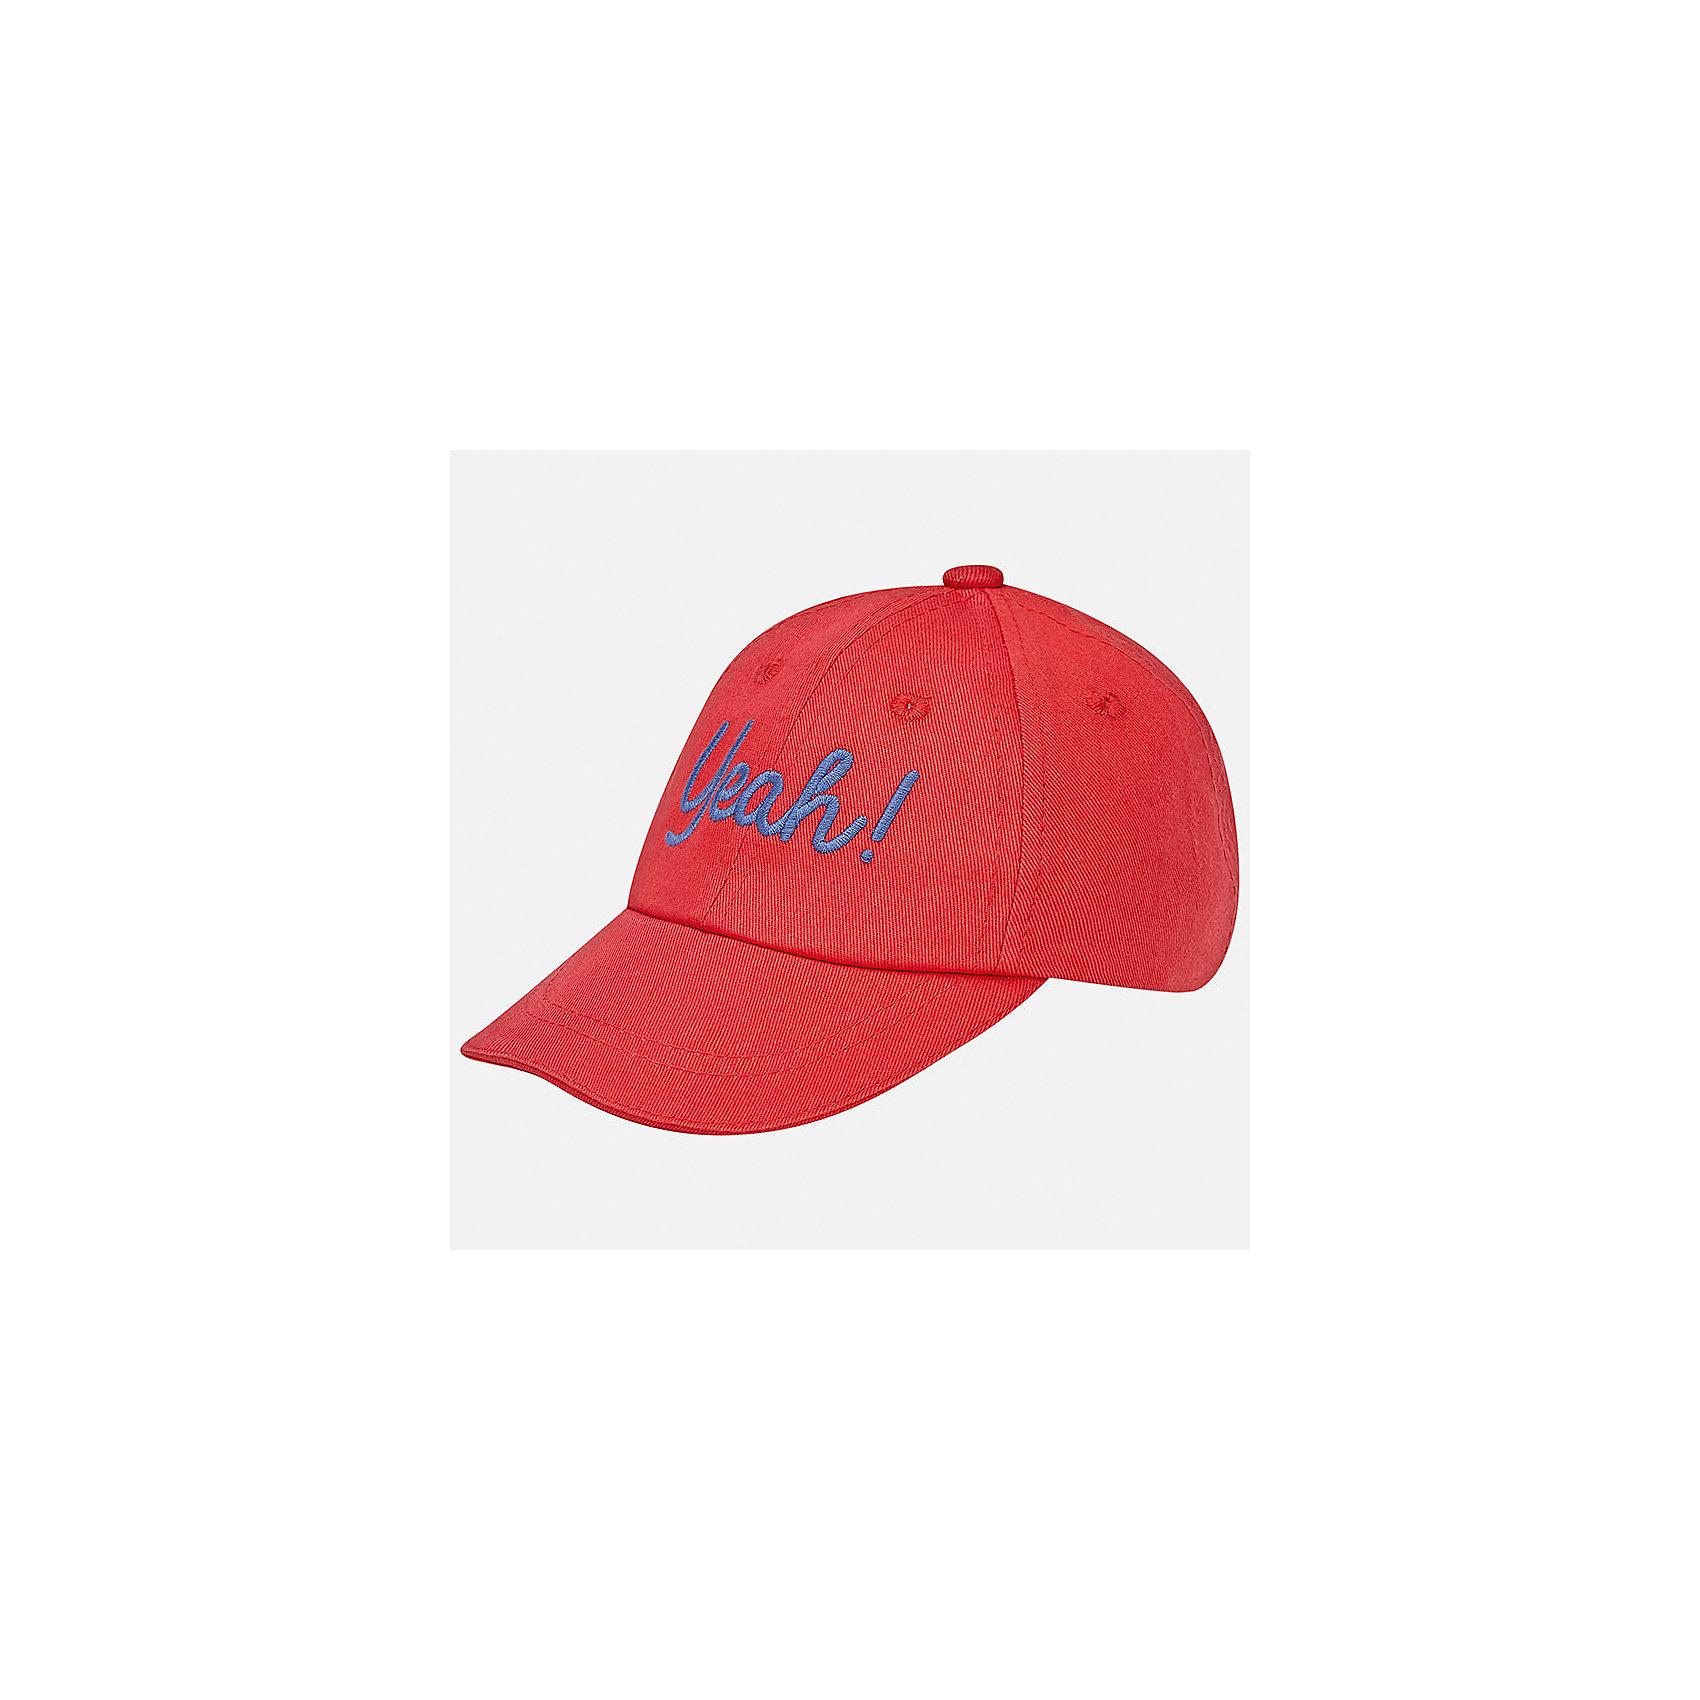 Кепка для мальчика MayoralХарактеристики товара:<br><br>• цвет: красный<br>• состав: 100% хлопок, подкладка - 80% полиэстер, 20% хлопок<br>• сзади - резинка<br>• отверстия для вентиляции<br>• декорирована вышивкой<br>• страна бренда: Испания<br><br>Красивая удобная кепка поможет обеспечить ребенку защиту от солнца и дополнить наряд. Универсальный цвет позволяет надевать её под одежду различных расцветок. Кепка удобно сидит и красиво смотрится. В составе материала - натуральный хлопок, гипоаллергенный, приятный на ощупь, дышащий. <br><br>Одежда, обувь и аксессуары от испанского бренда Mayoral полюбились детям и взрослым по всему миру. Модели этой марки - стильные и удобные. Для их производства используются только безопасные, качественные материалы и фурнитура. Порадуйте ребенка модными и красивыми вещами от Mayoral! <br><br>Кепку для мальчика от испанского бренда Mayoral (Майорал) можно купить в нашем интернет-магазине.<br><br>Ширина мм: 89<br>Глубина мм: 117<br>Высота мм: 44<br>Вес г: 155<br>Цвет: красный<br>Возраст от месяцев: 24<br>Возраст до месяцев: 36<br>Пол: Мужской<br>Возраст: Детский<br>Размер: 48,50<br>SKU: 5294256